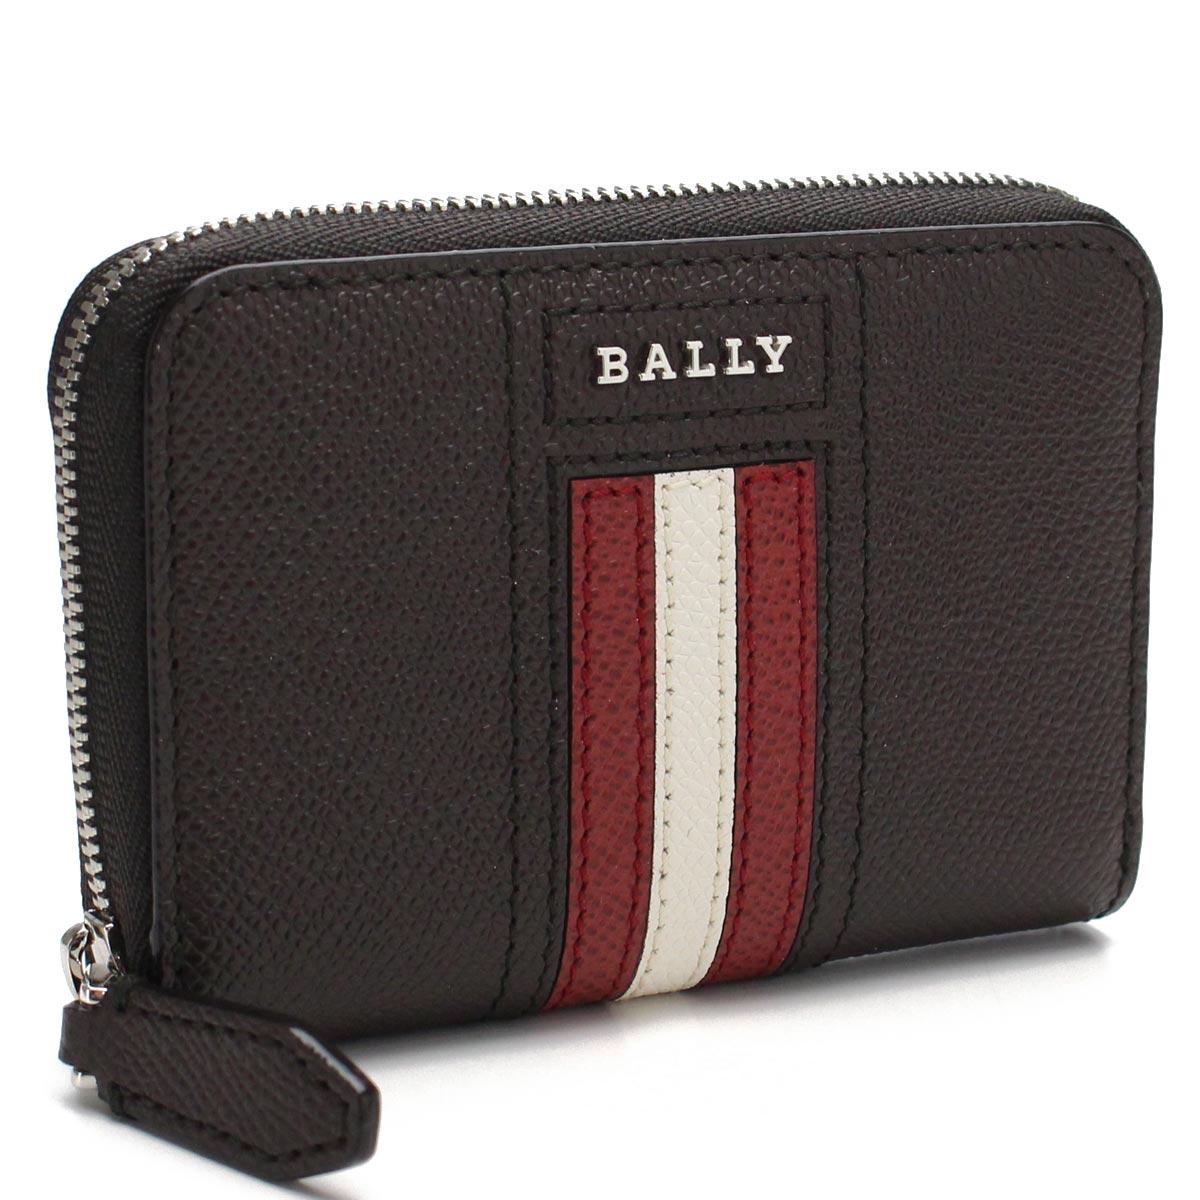 バリー BALLY レザー コインケース 小銭入れ TIVY.LT 21 COFFEE16 ブラウン系 メンズ【キャッシュレス 5% 還元】